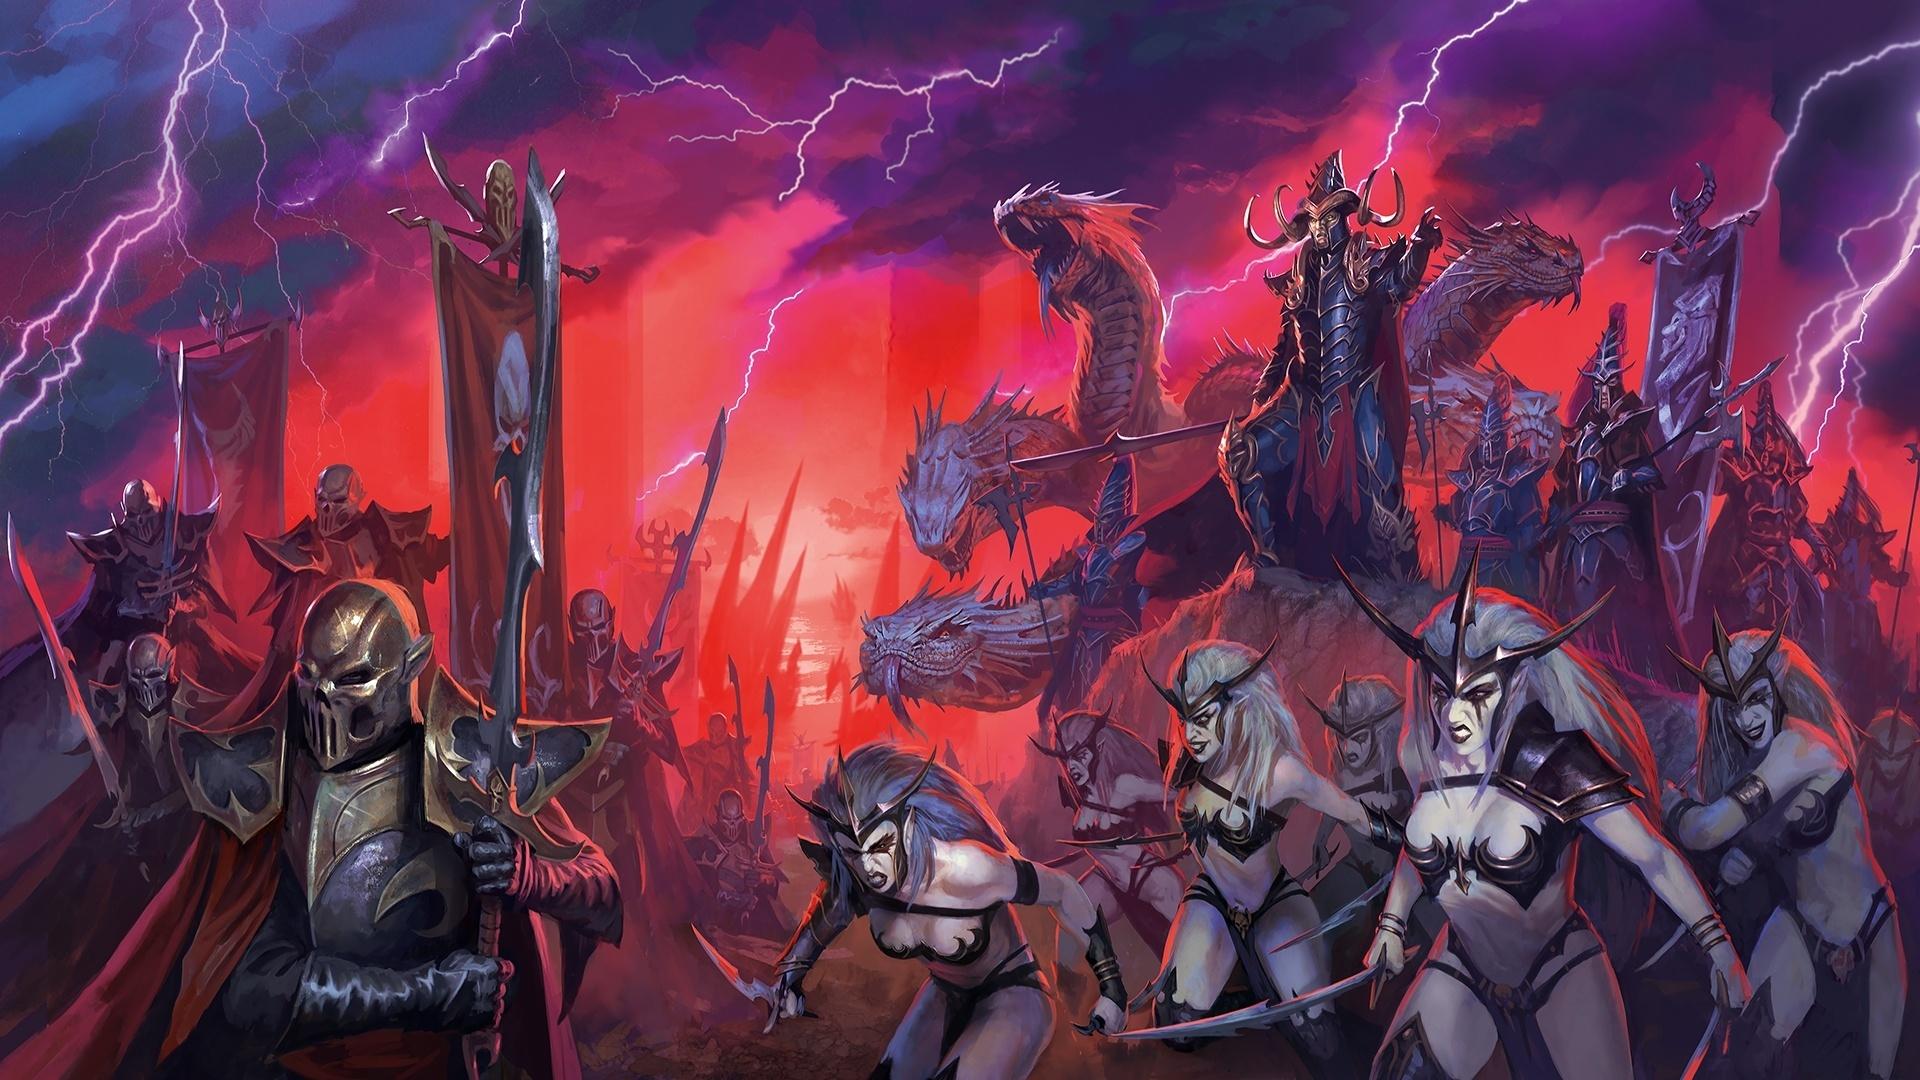 Описание изменений в новом патче для Total War Warhammer 2